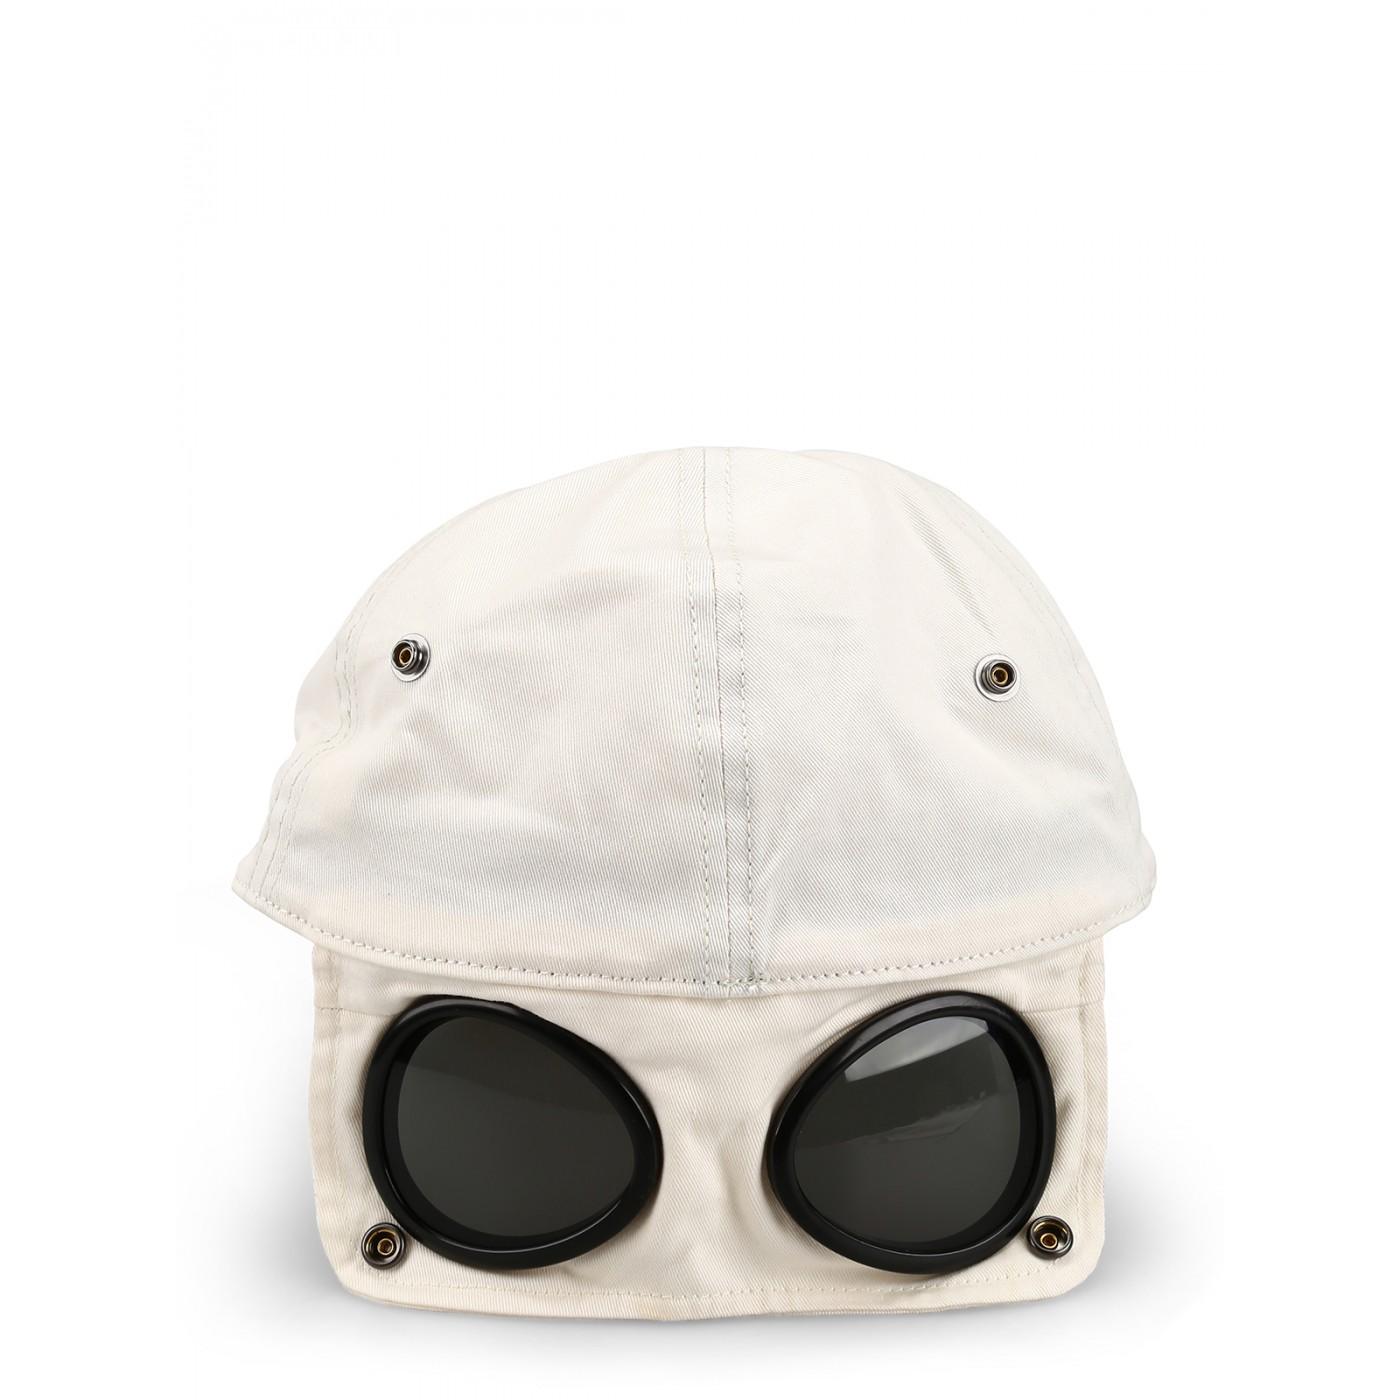 Casquette CP Company goggle gauze white